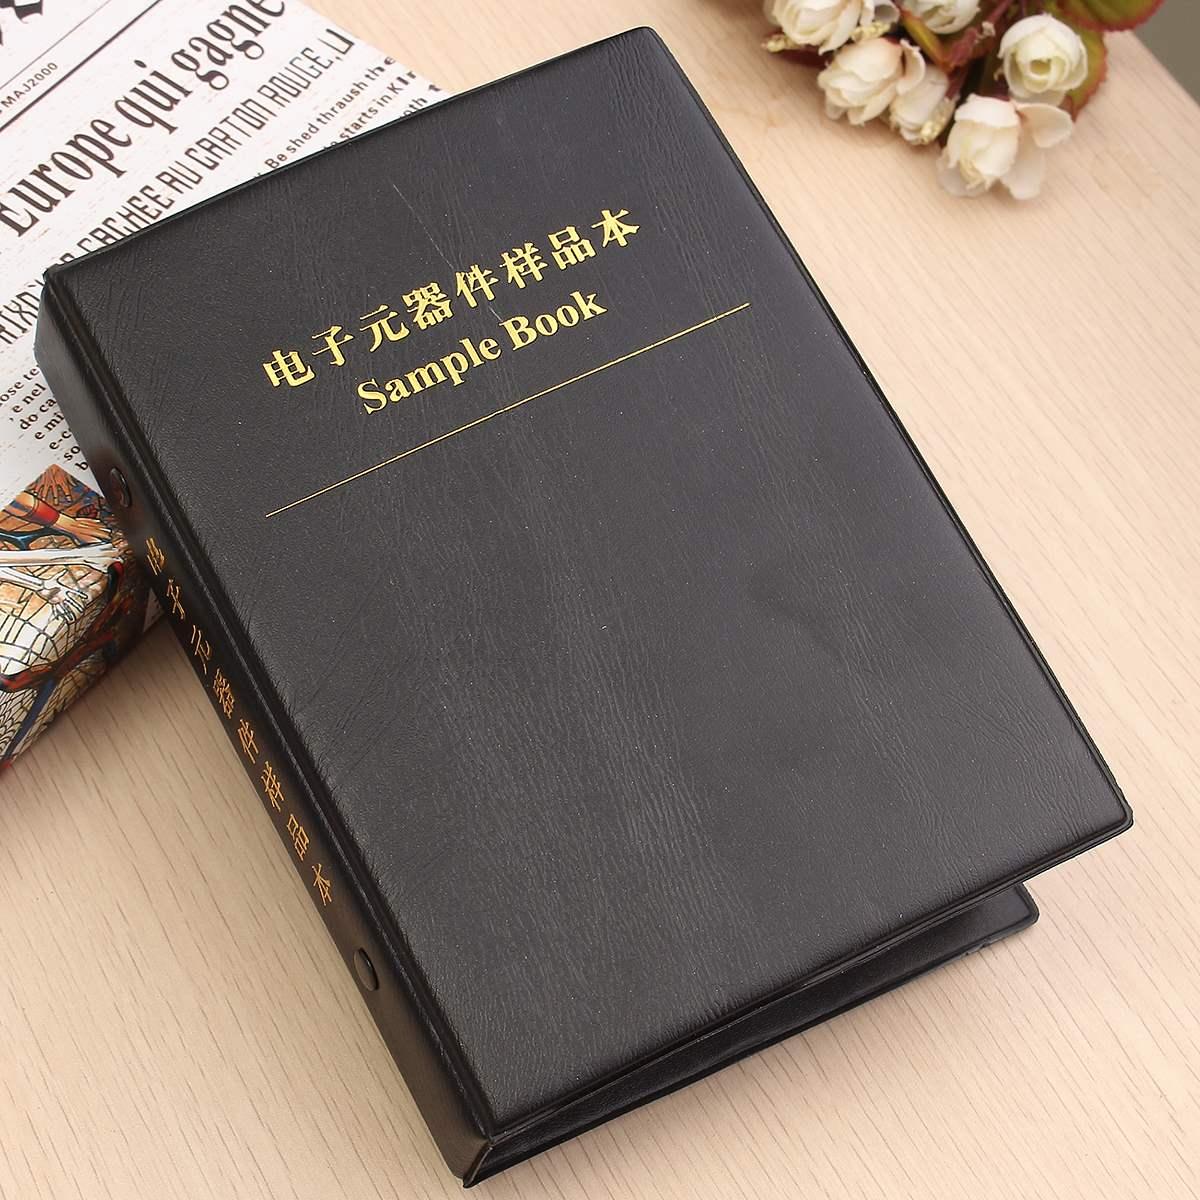 Hot New 0805 1% SMD SMT Puce Résistances Assortiment Kit 170 Valeurs x50 Assorties Échantillon Livre 13.5 cm x 3 cm x 19 cm